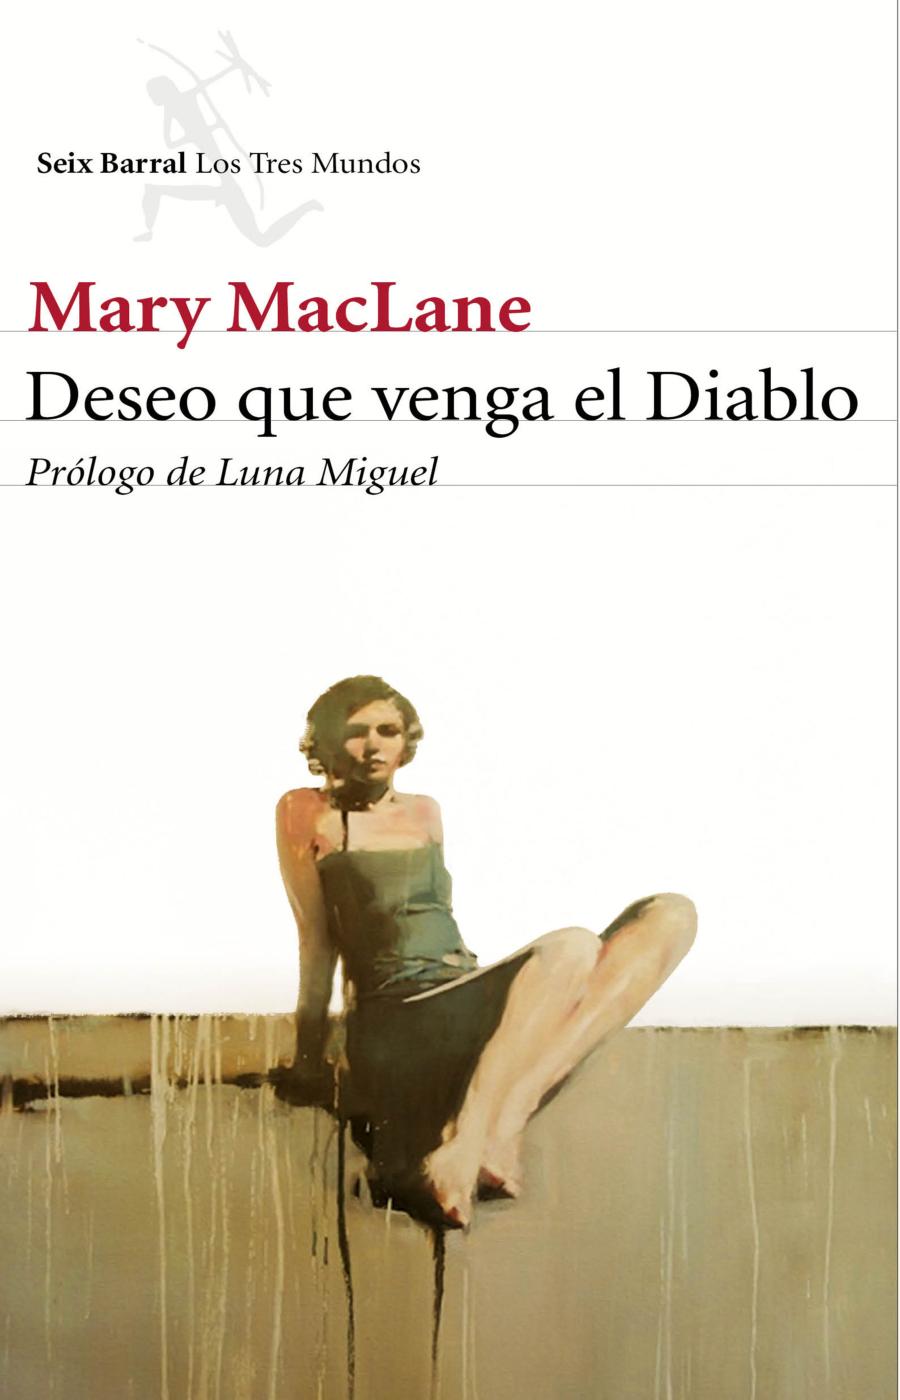 Mary MacLane, la escritora salvaje de Butte.